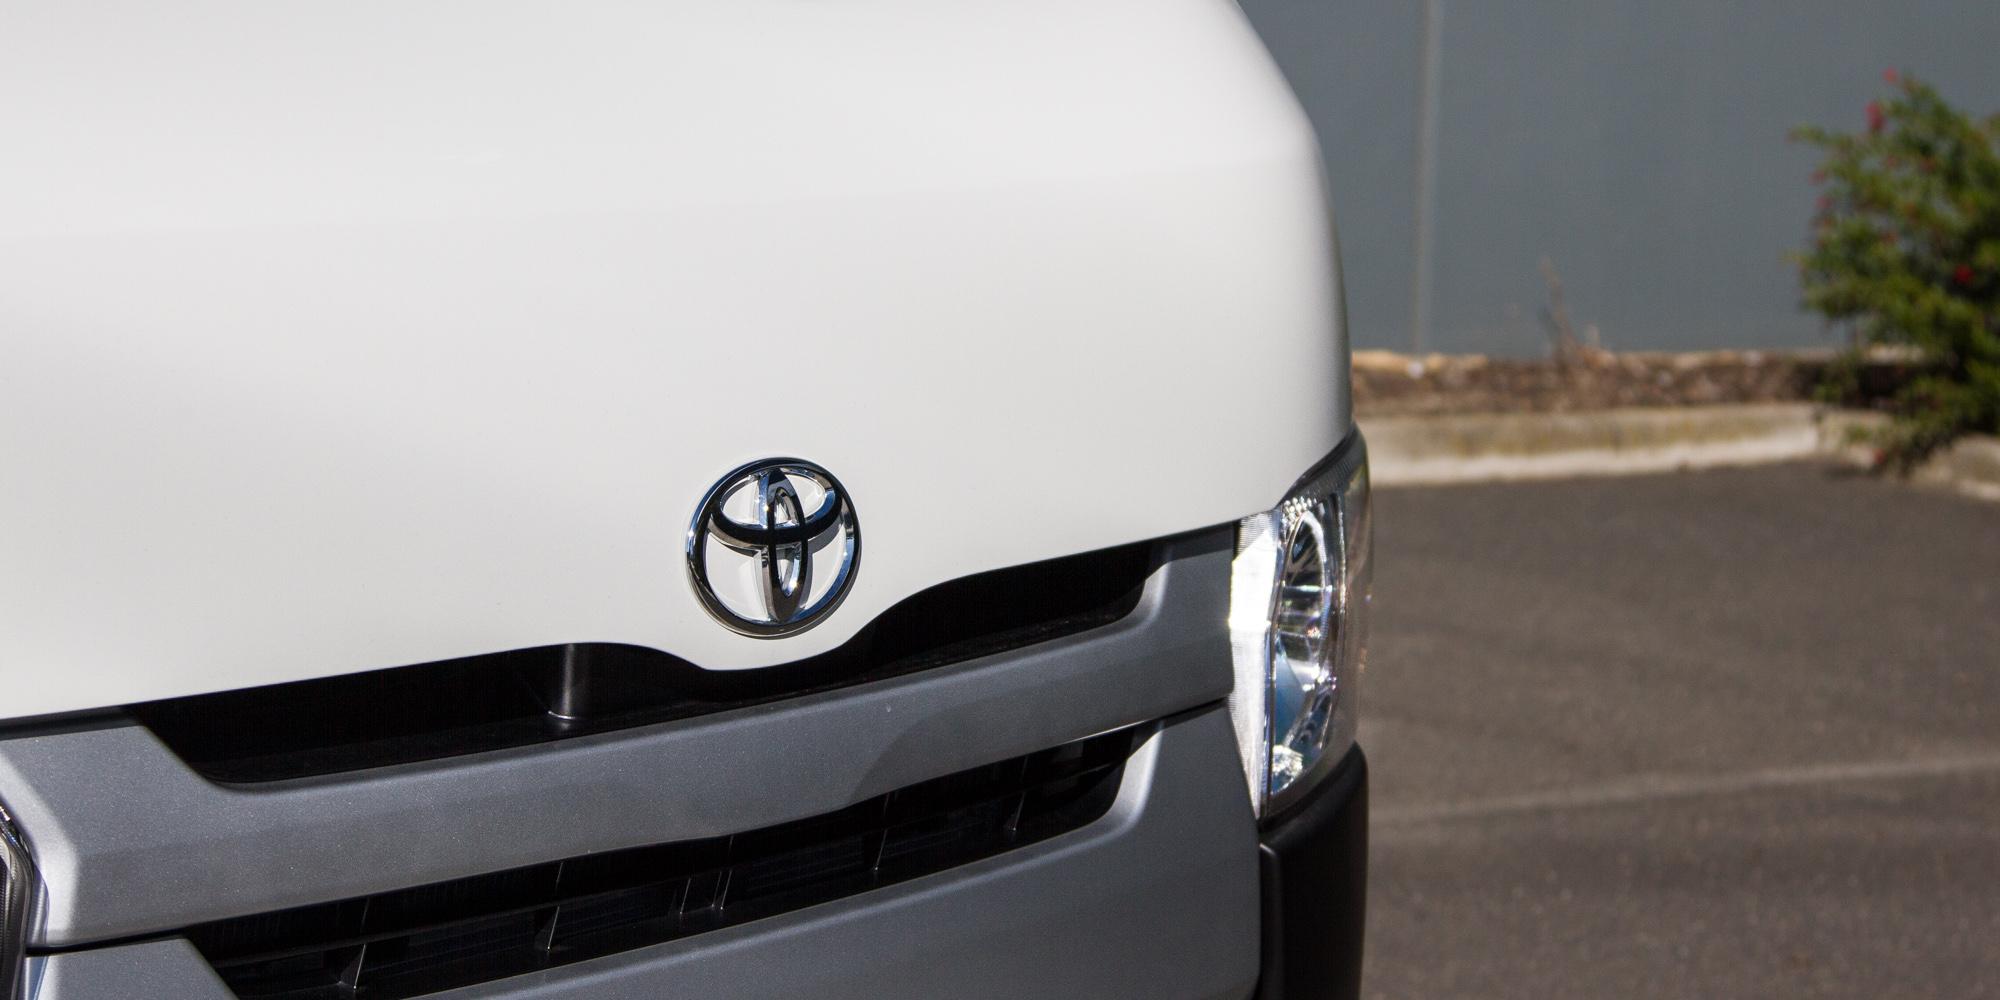 2015 Toyota Hiace Crew Van Review Photos Caradvice